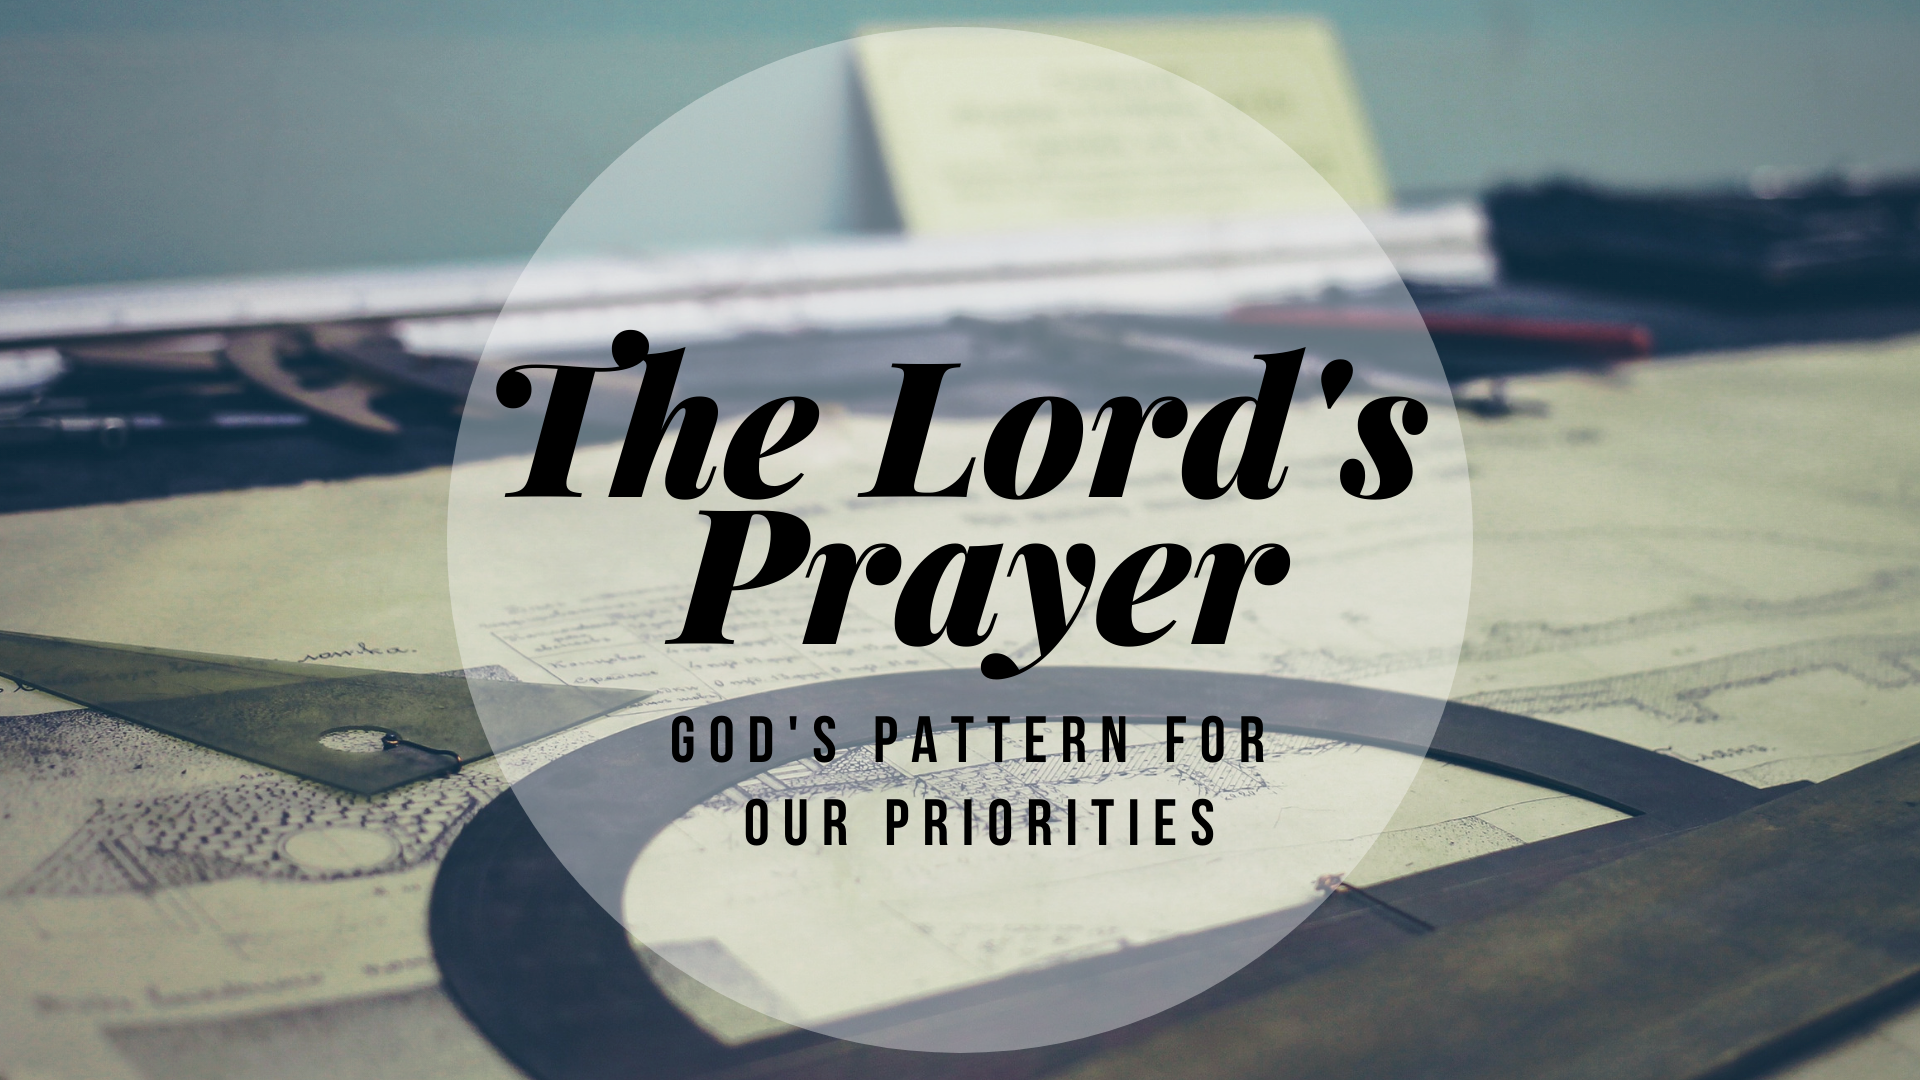 Forgive Us Our Debts (Matthew 6:12)